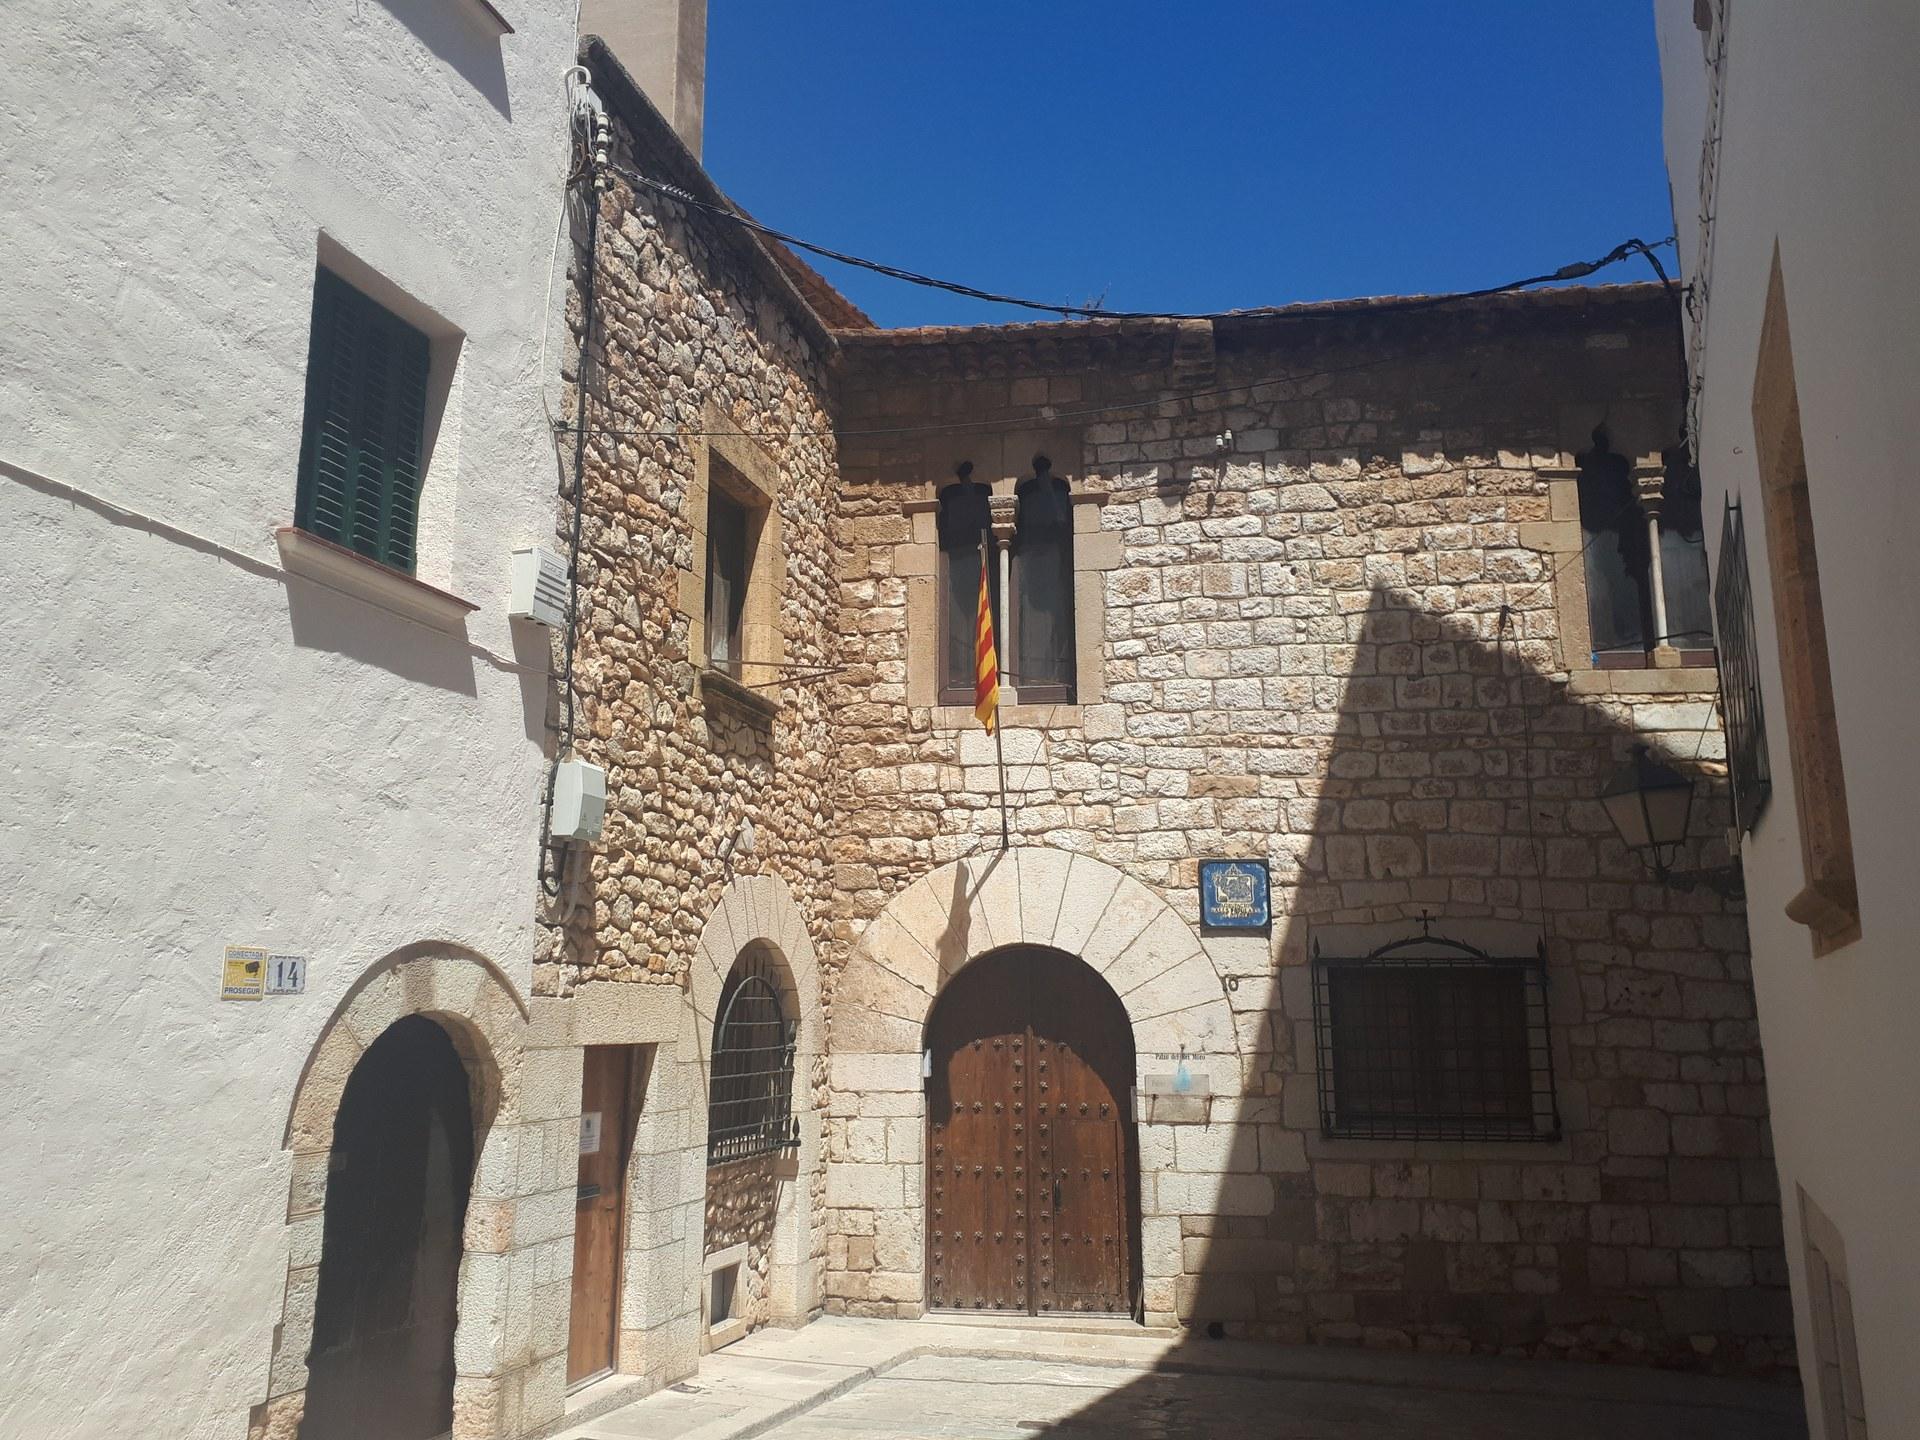 L'Ajuntament remodela la instal·lació elèctrica i arranja la façana del pati del Palau del Rei Moro